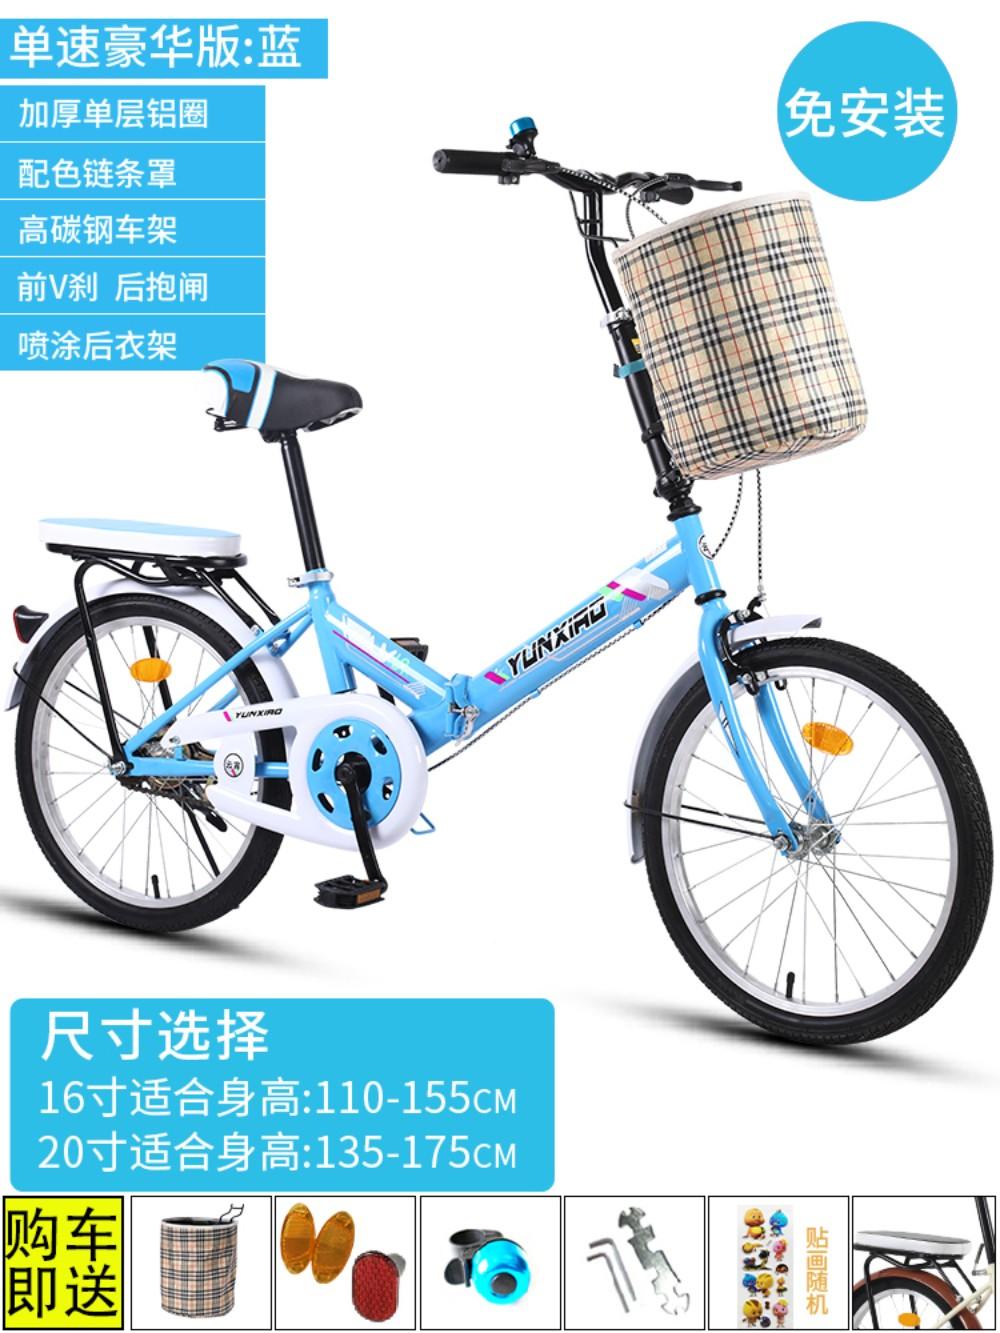 접이식 자전거 클래식 도심 공원 산책 여성 간편한 자전거, 20인치cm, 단속 블루